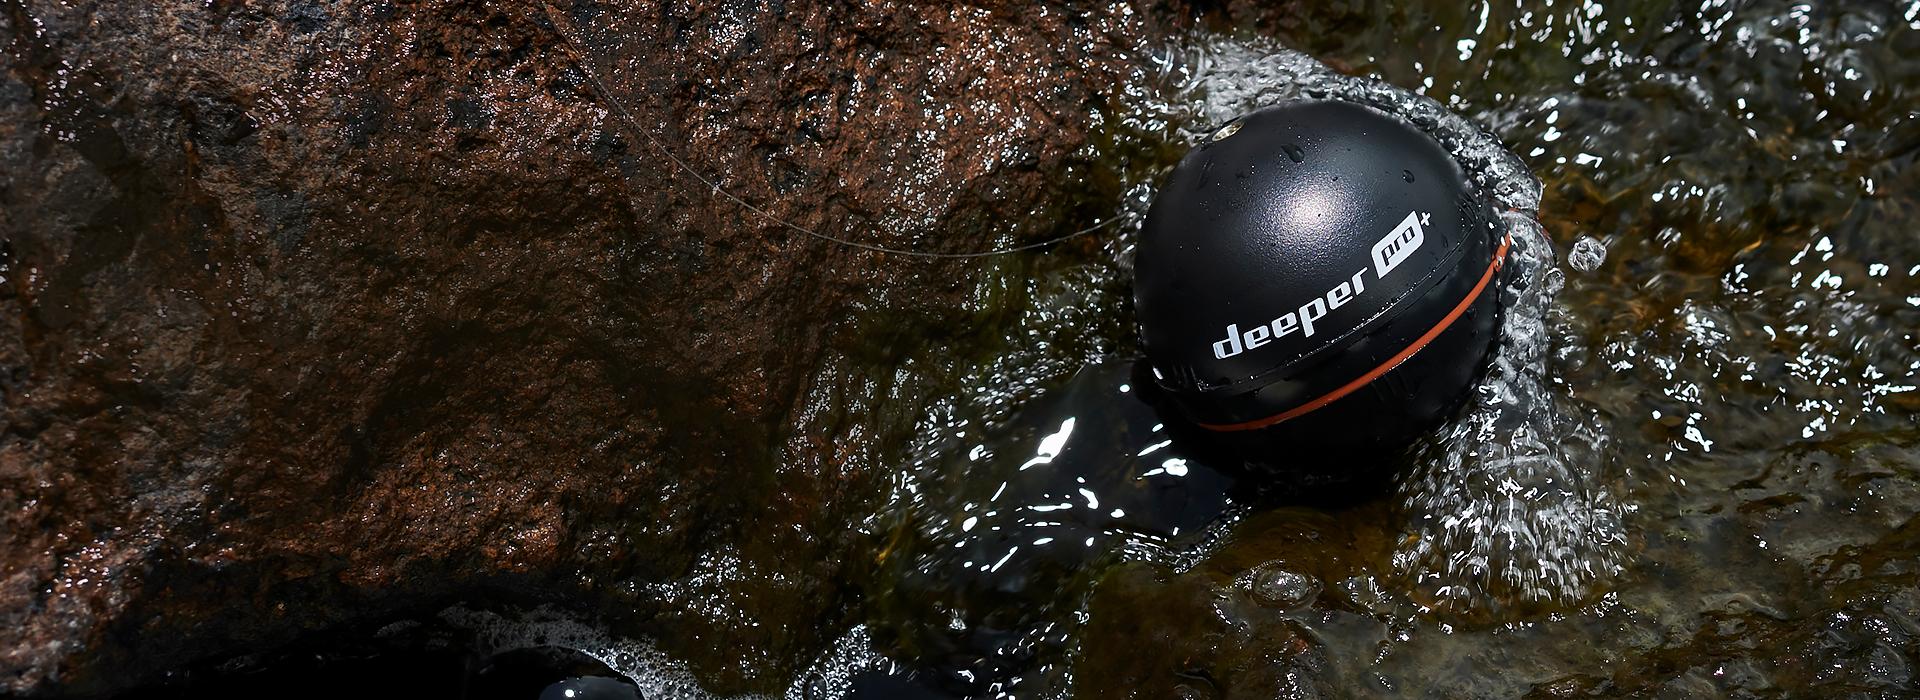 Pasiruoškite antrajai žvejybos bangai!Įsigykite Deeper sonarą nuo €189.99